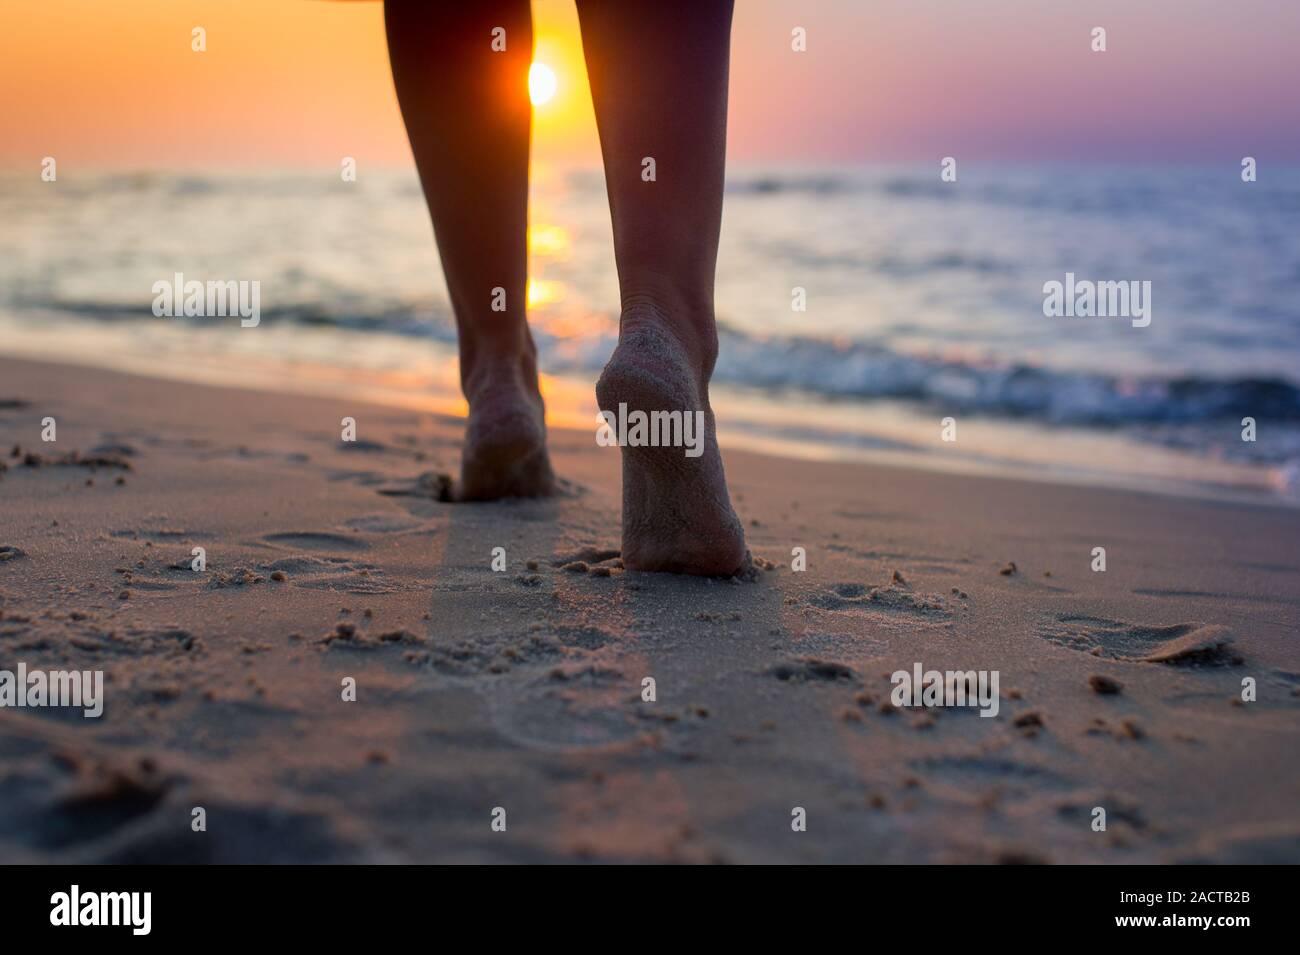 Primer plano de la mujer pies caminando por la playa durante una colorida puesta de sol. Mujer caminando hacia el mar, la parte del cuerpo, las piernas de las mujeres perfectas, disfrutar del tiempo Foto de stock